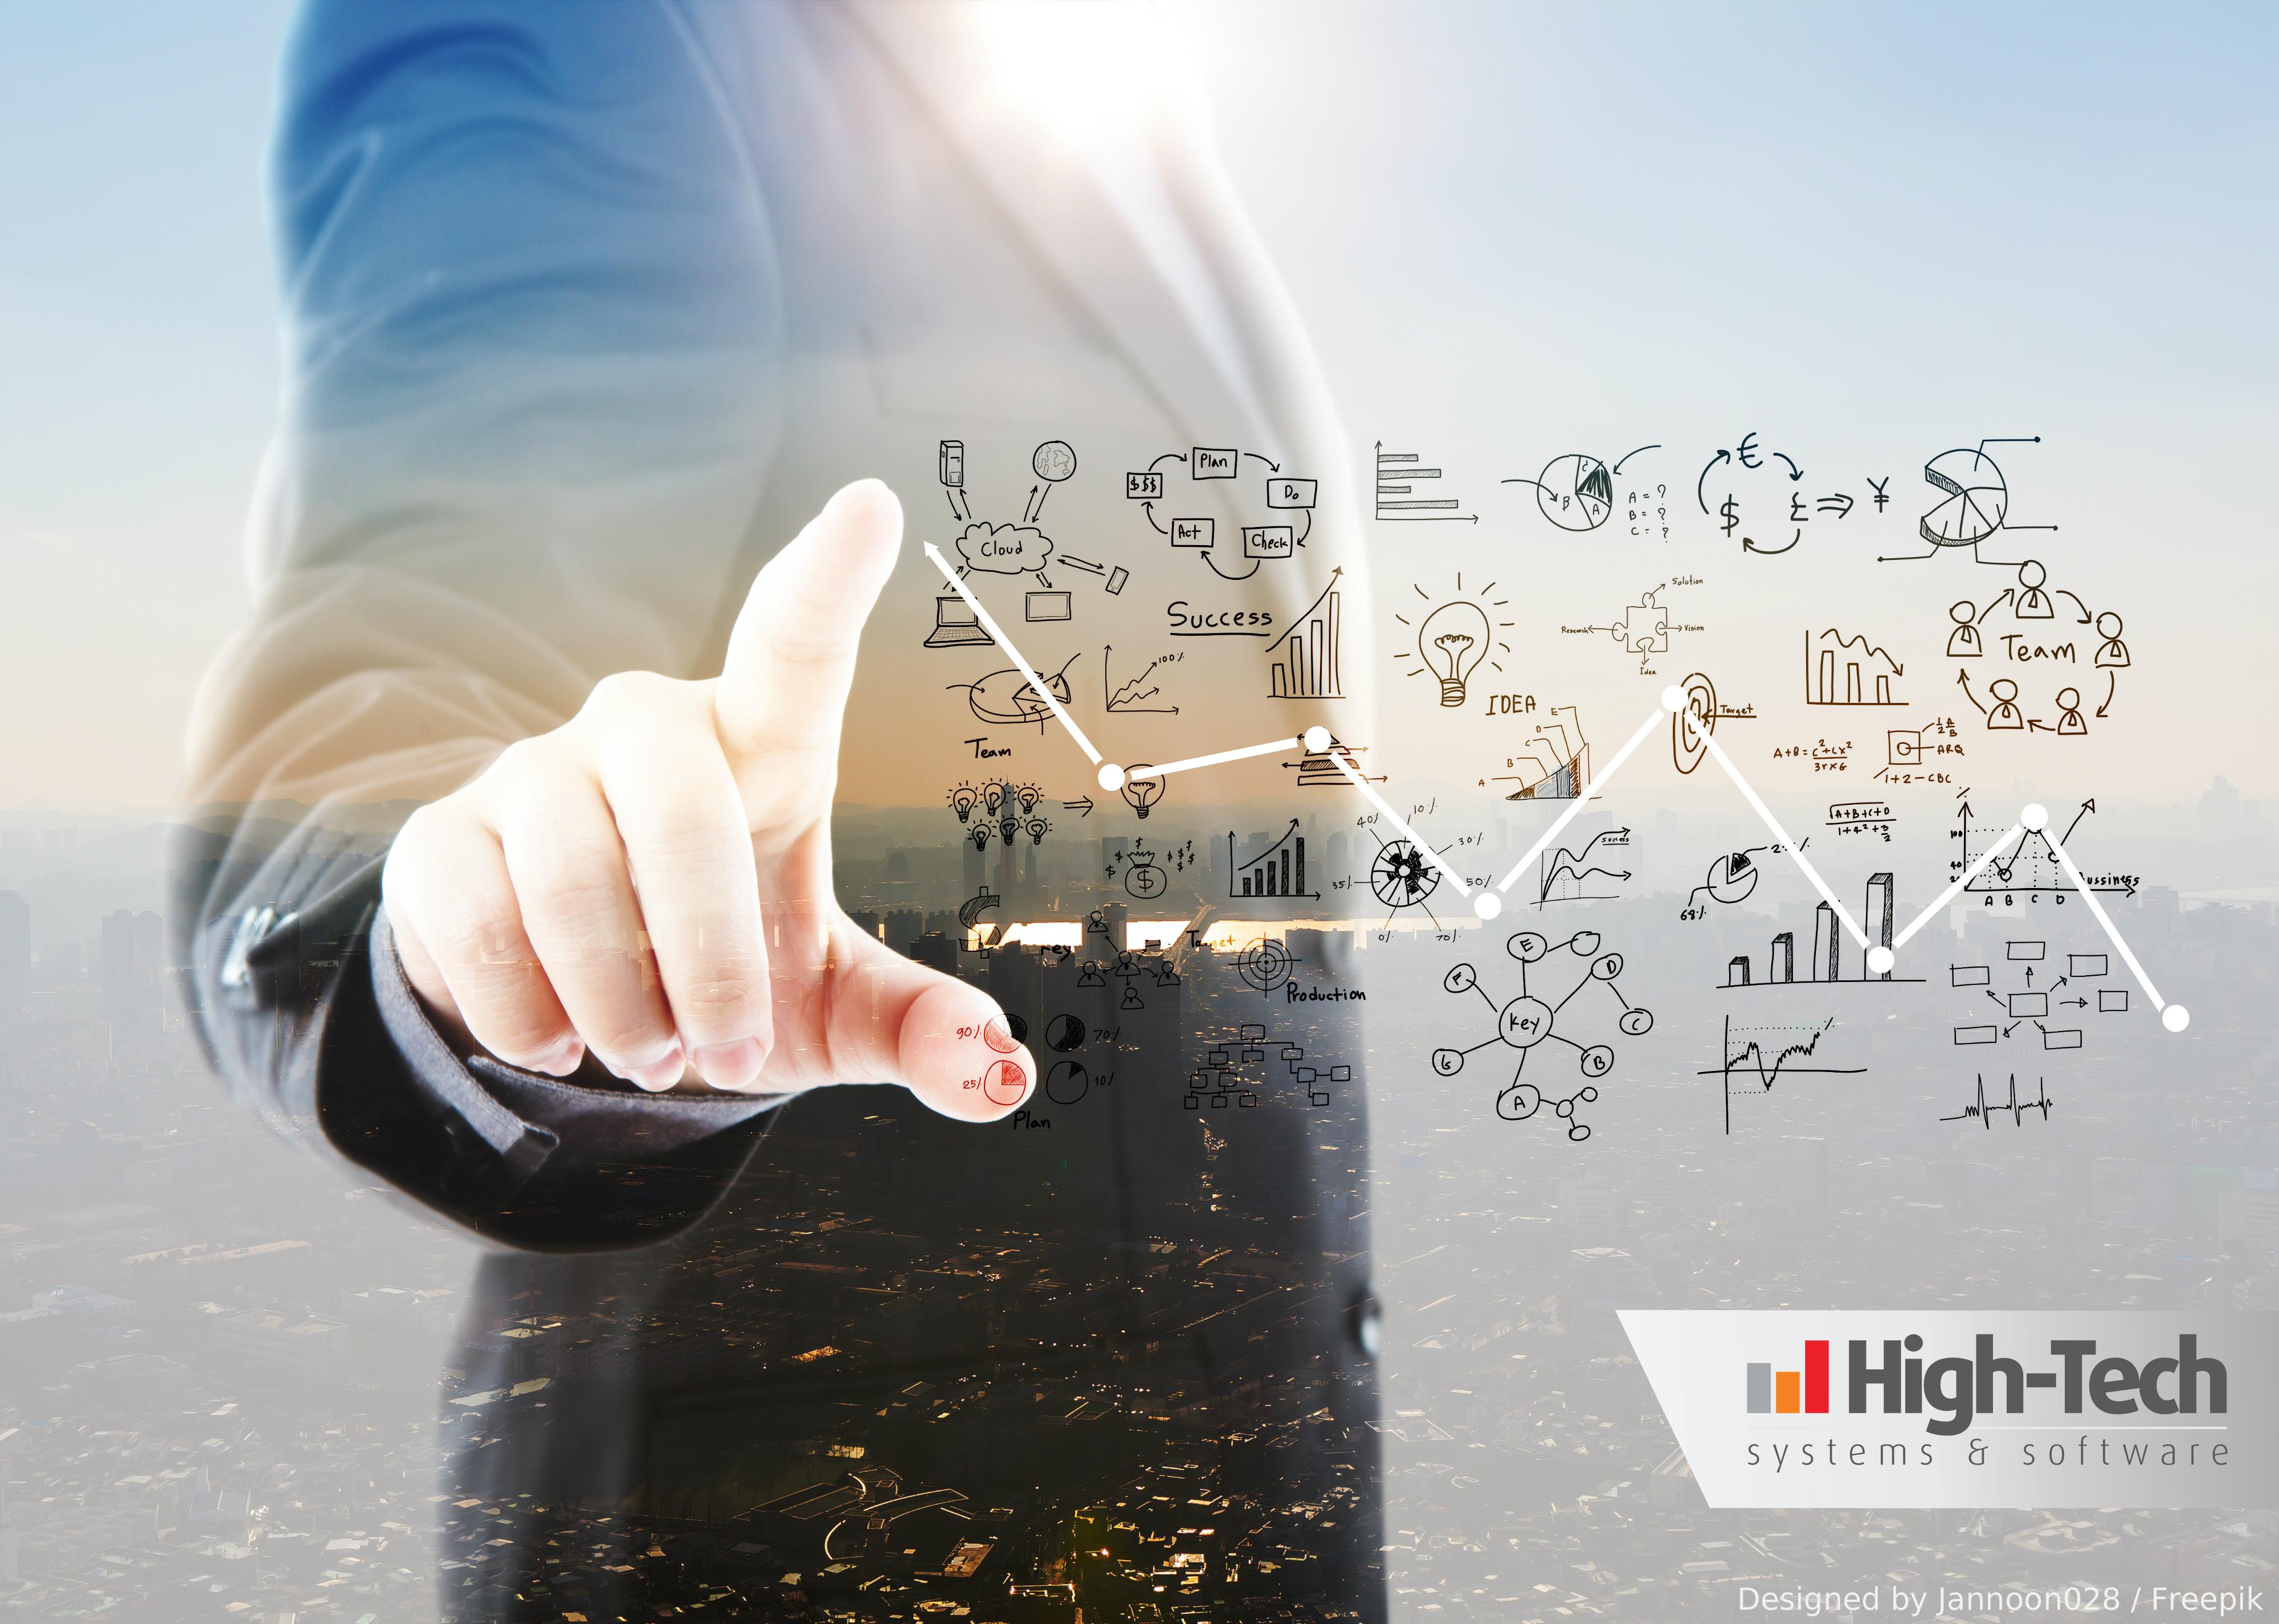 Analiza predictivă bazată pe AI – viitorul suport decizional în afaceri